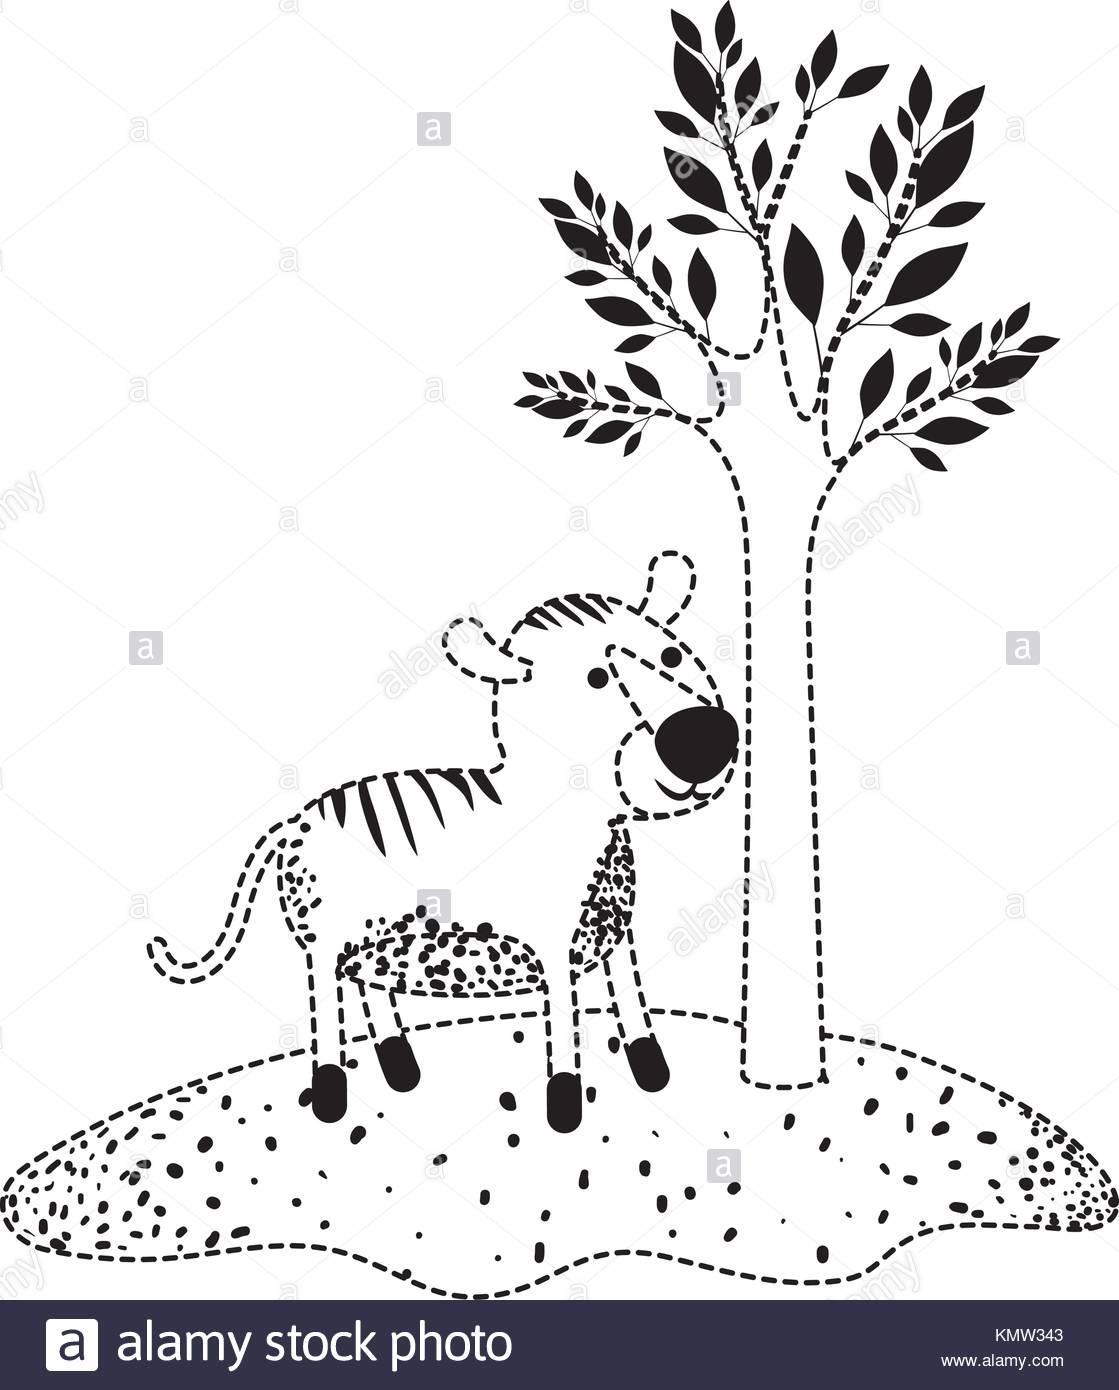 Dessin De Tigre À Côté De L'arbre En Silhouette En Pointillé à Dessin En Pointillé